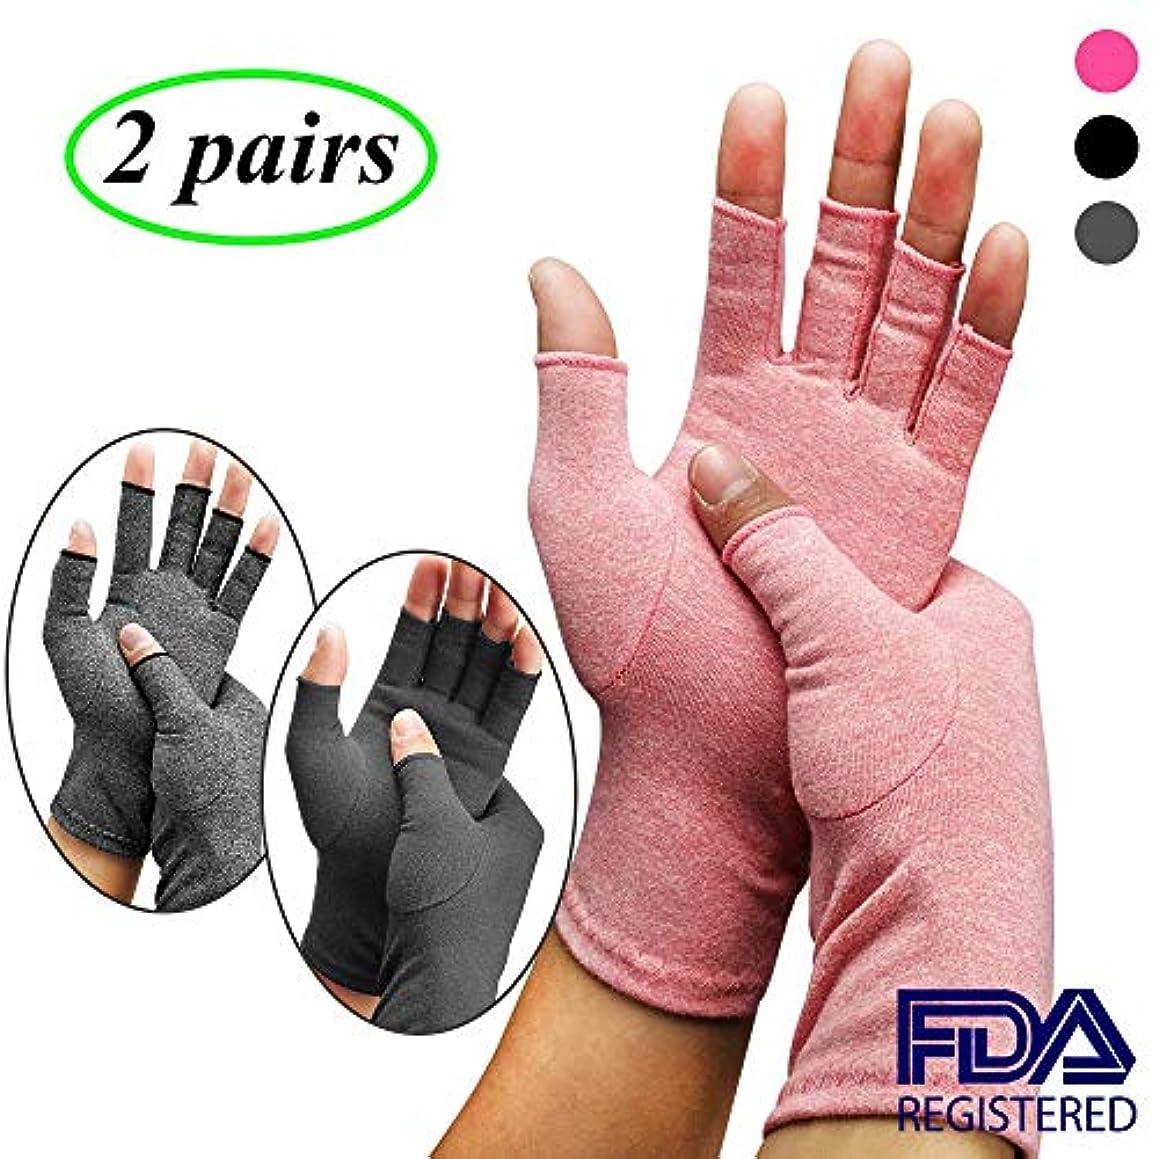 意識的推定スクレーパー関節リウマチの手袋は指なし、ぬくもり治療圧縮サポートのための手袋&手首&ハンド2ペアの循環を改善